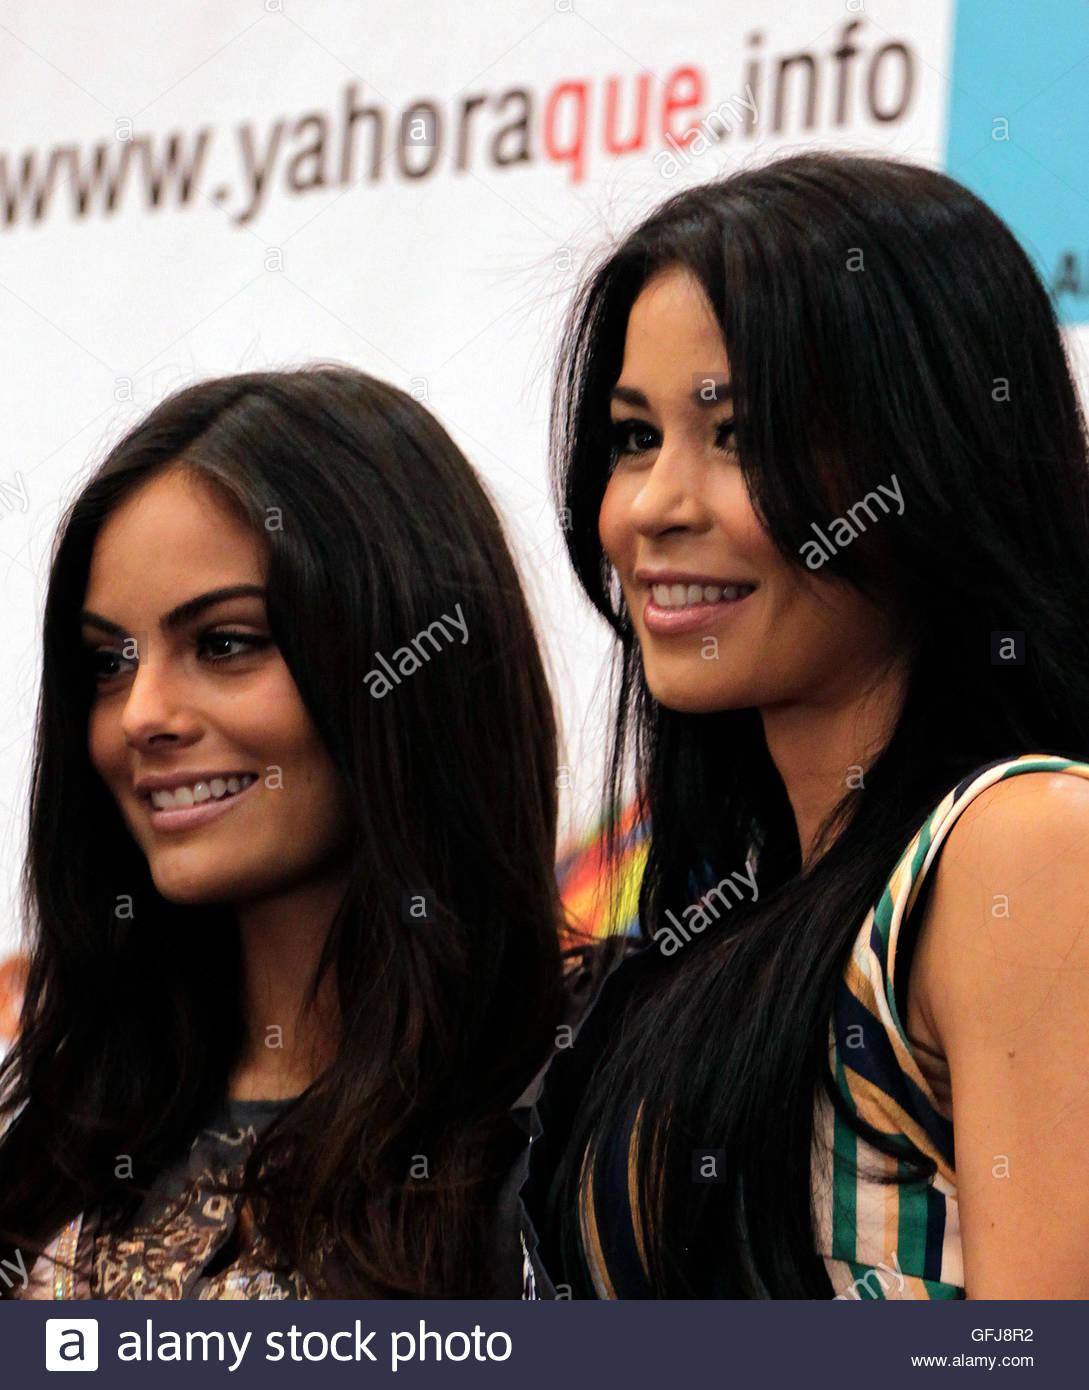 ximena navarrette, miss universe 2010. - Página 47 Miss-universe-2010-ximena-navarrete-of-mexico-poses-with-miss-guatemala-gfj8r2_tfe3